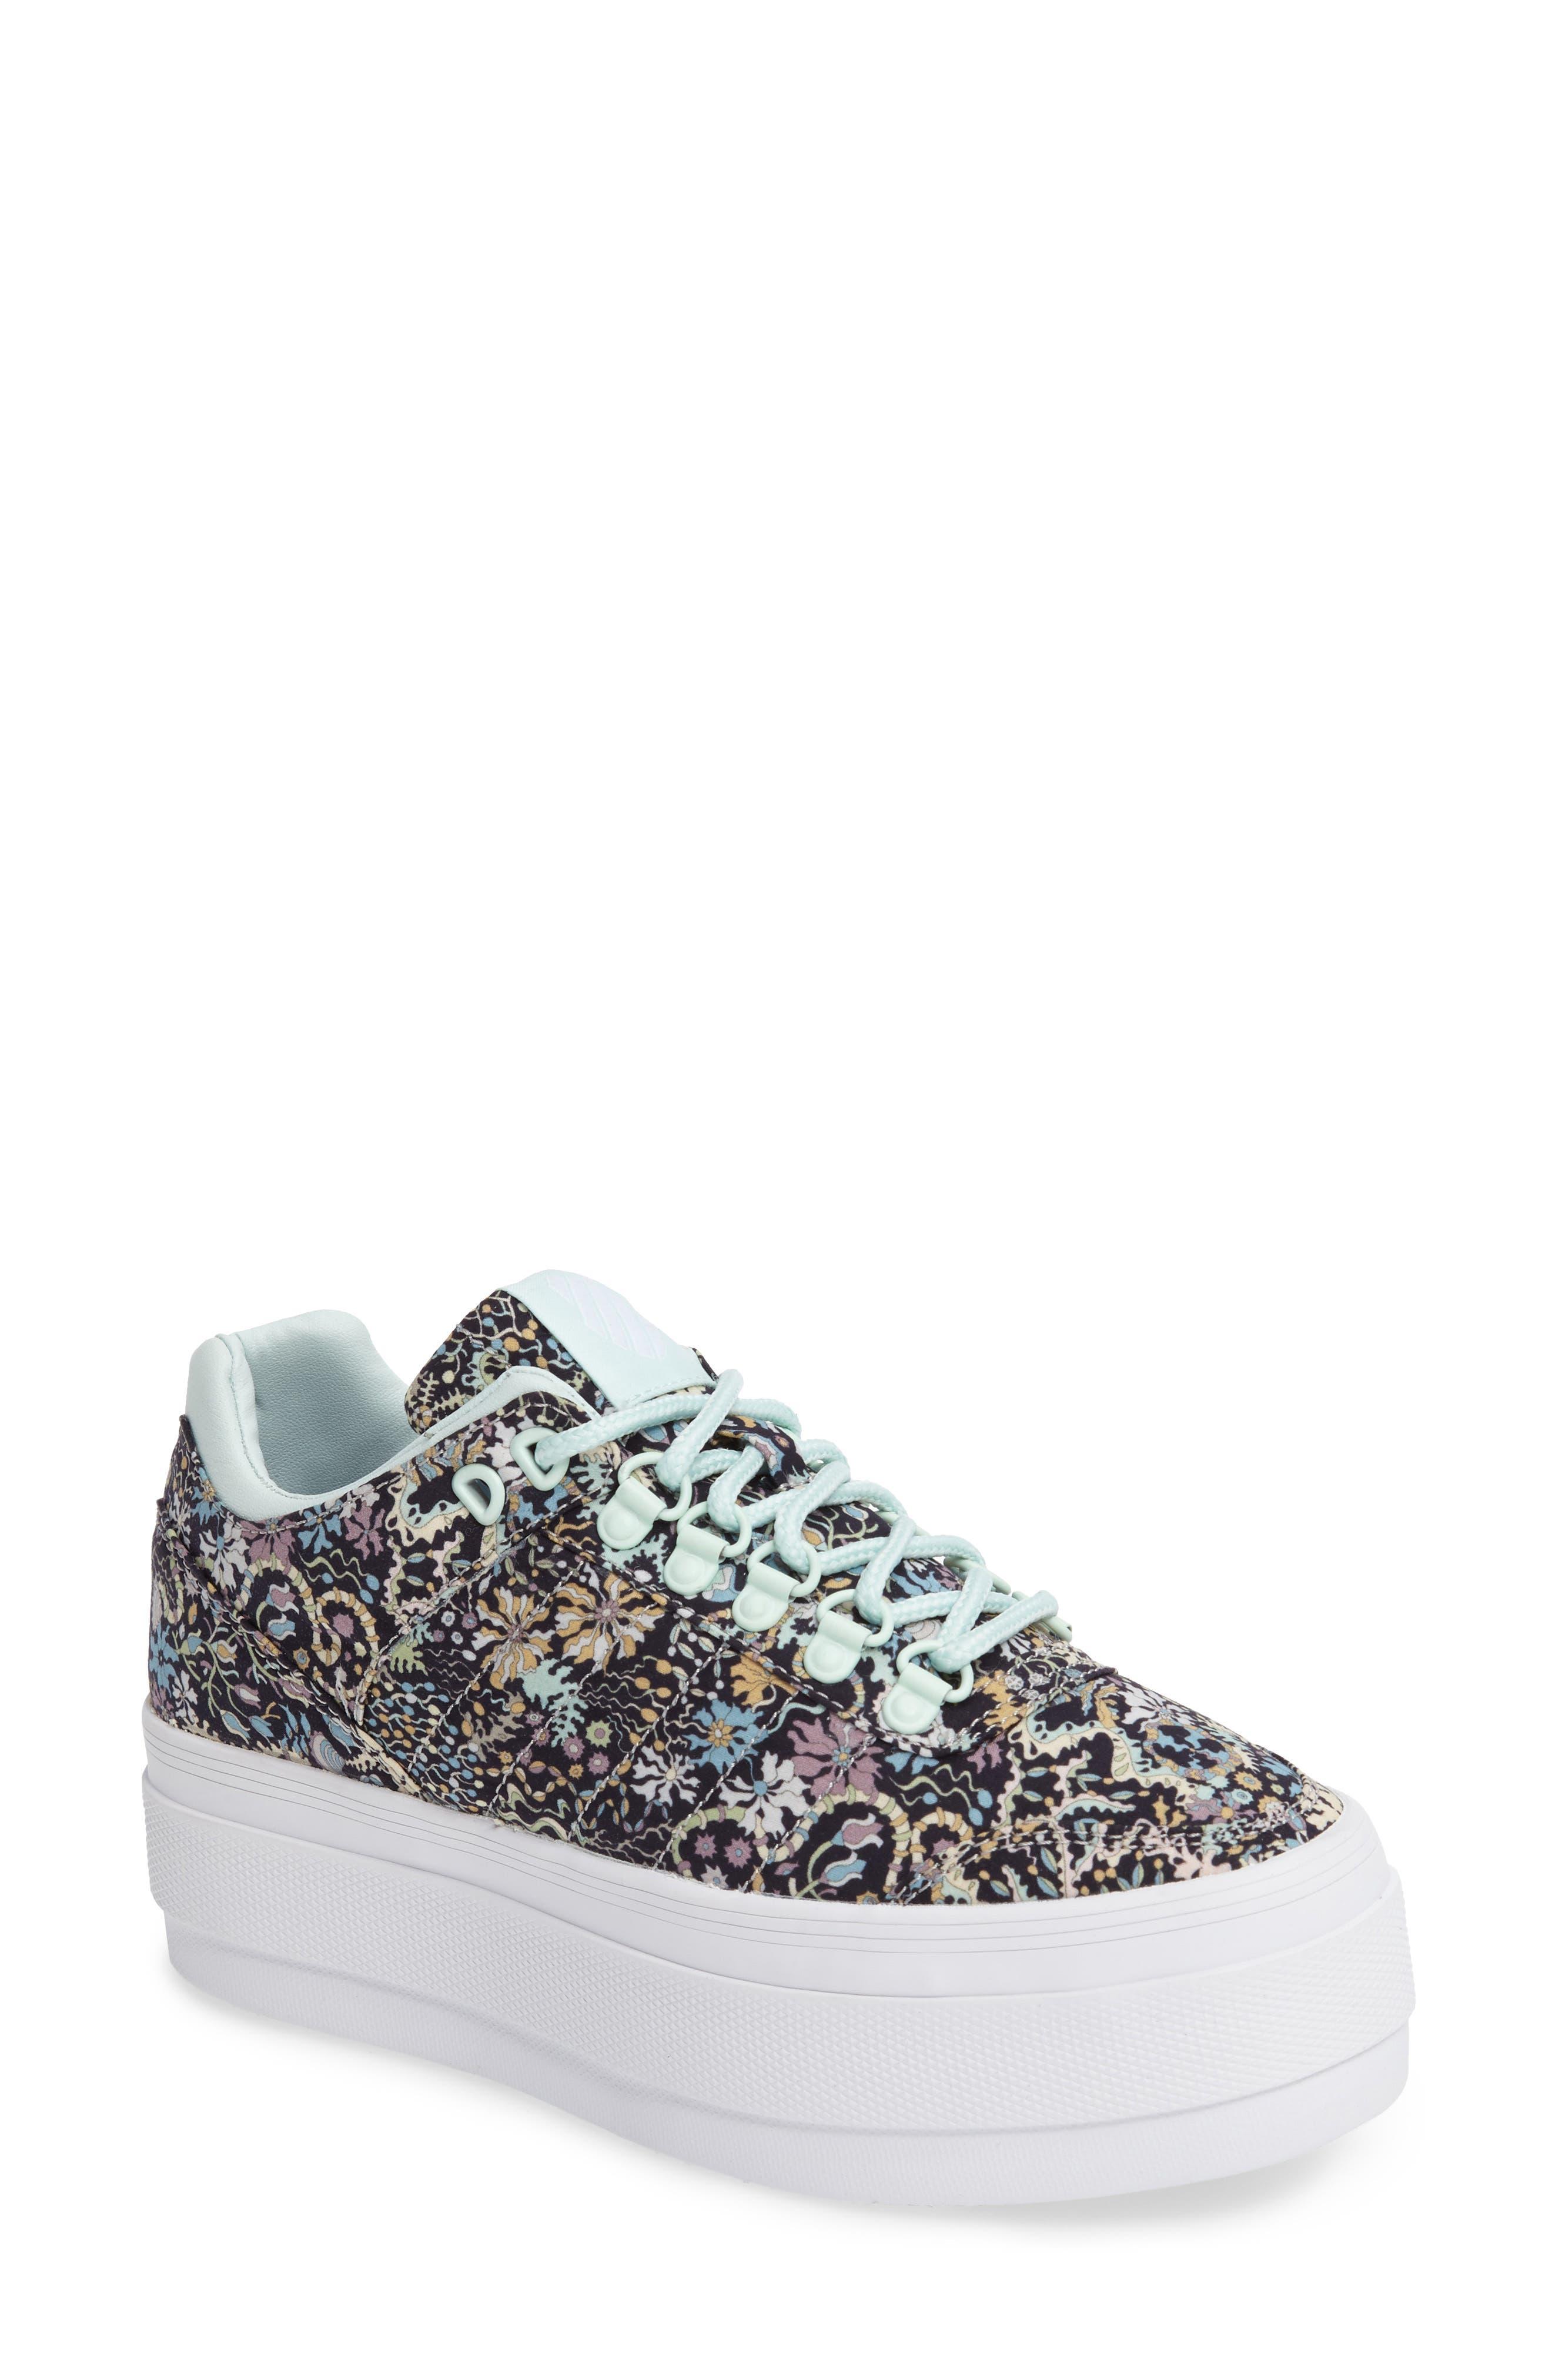 Gstaad Flatform Sneaker,                         Main,                         color, 040